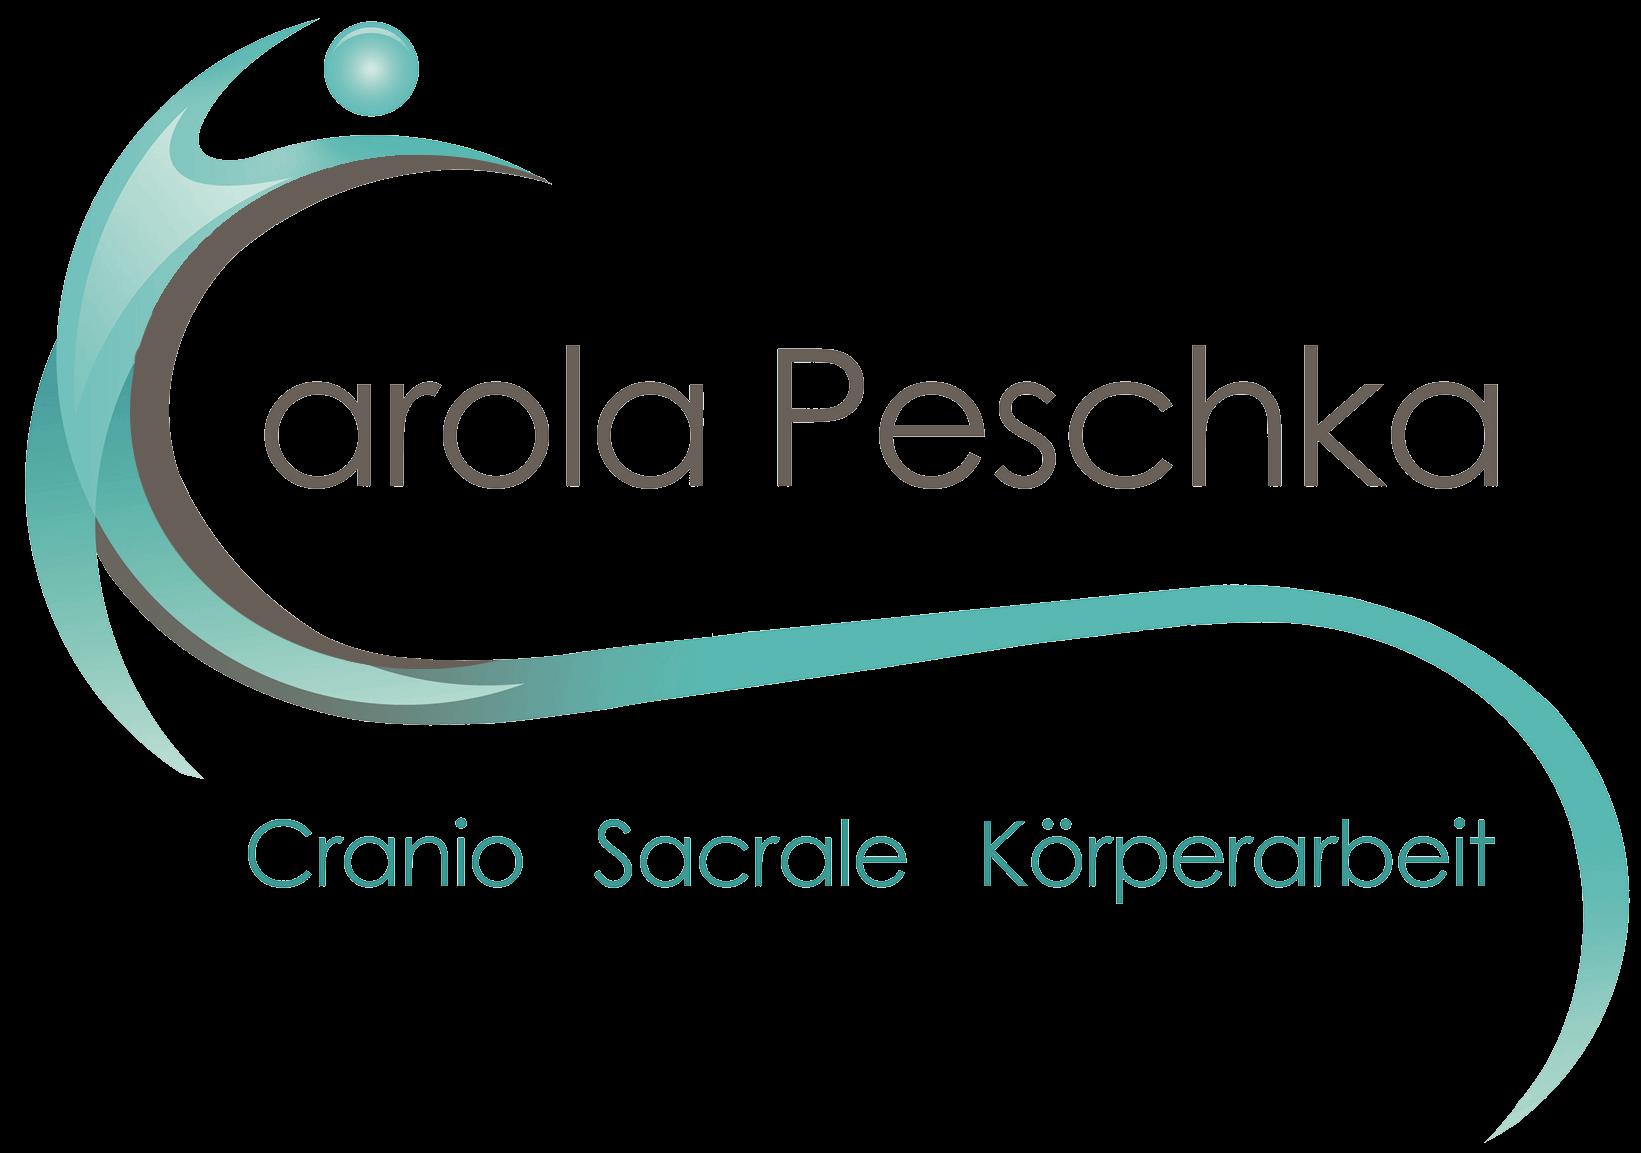 Carola Peschka - Cranio Sacrale Körperarbeit | Carola Peschka - Cranio Sacrale Körperarbeit in Prambachkirchen, Bezirk Eferding in Oberösterreich, Cranio Sacral für Babys, CranioSacral in der Schwangerschaft,Rota Prophylaxe,zur Anregung der Selbstheilung